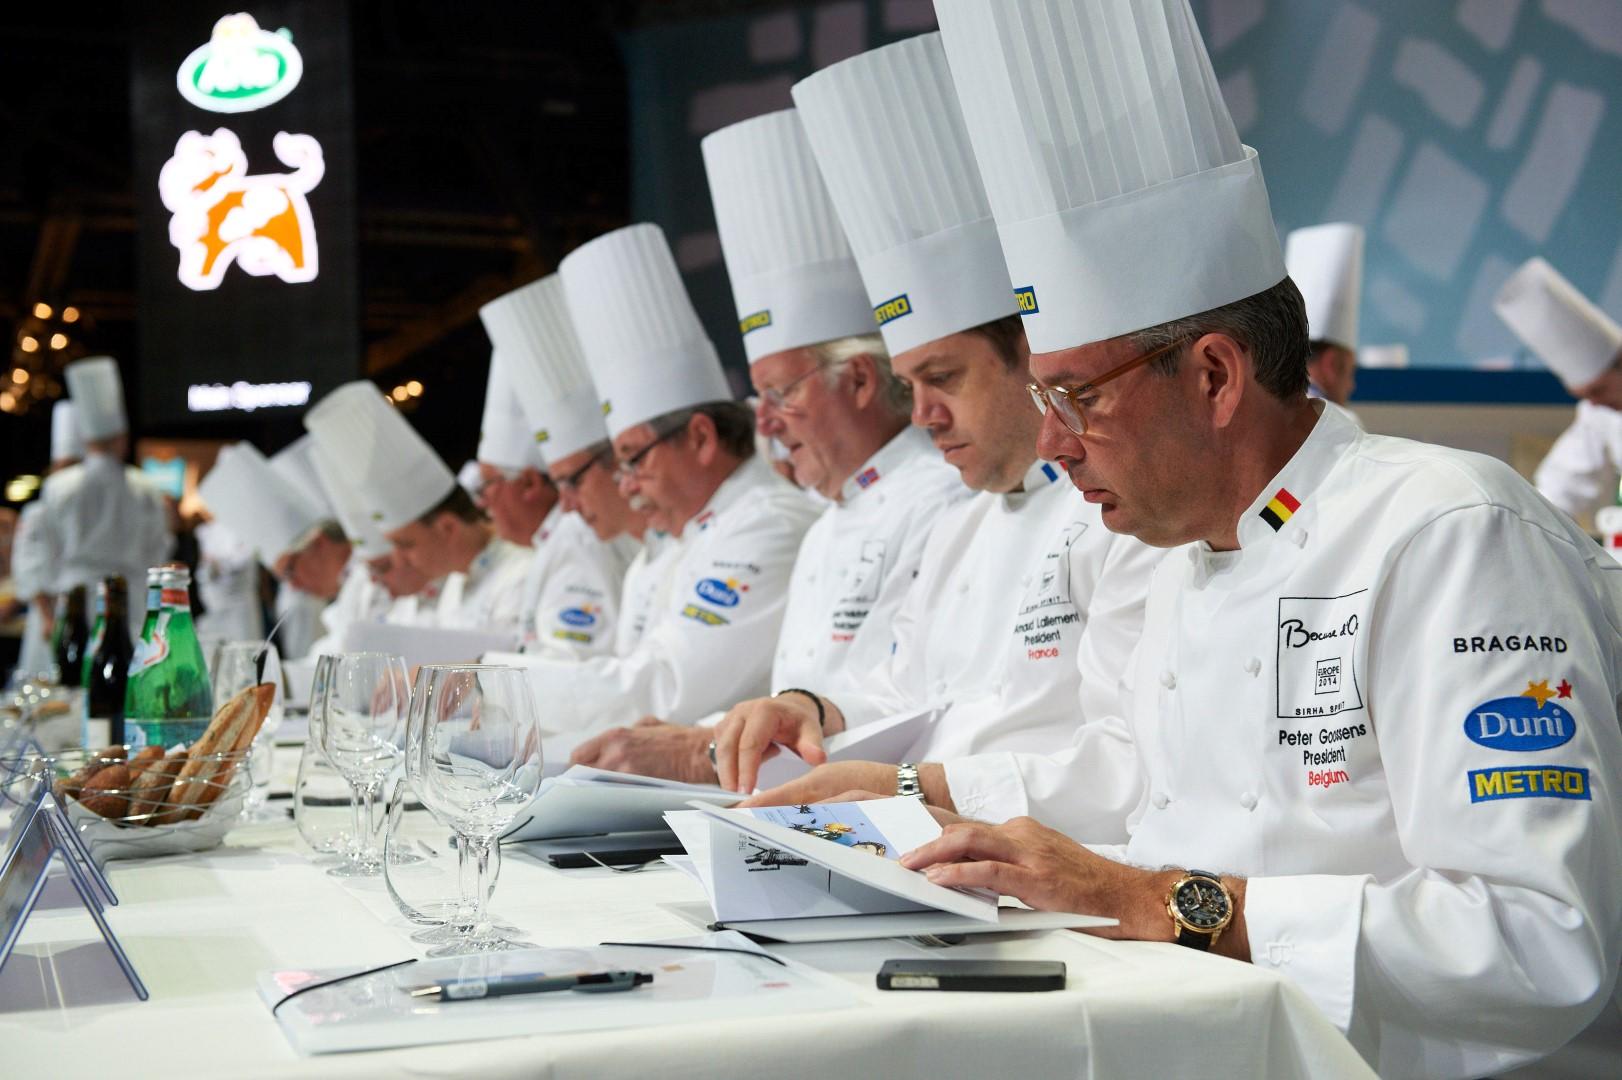 Руководители делегаций. Такого нет даже в футболе. Источник http://www.bocusedor.be/